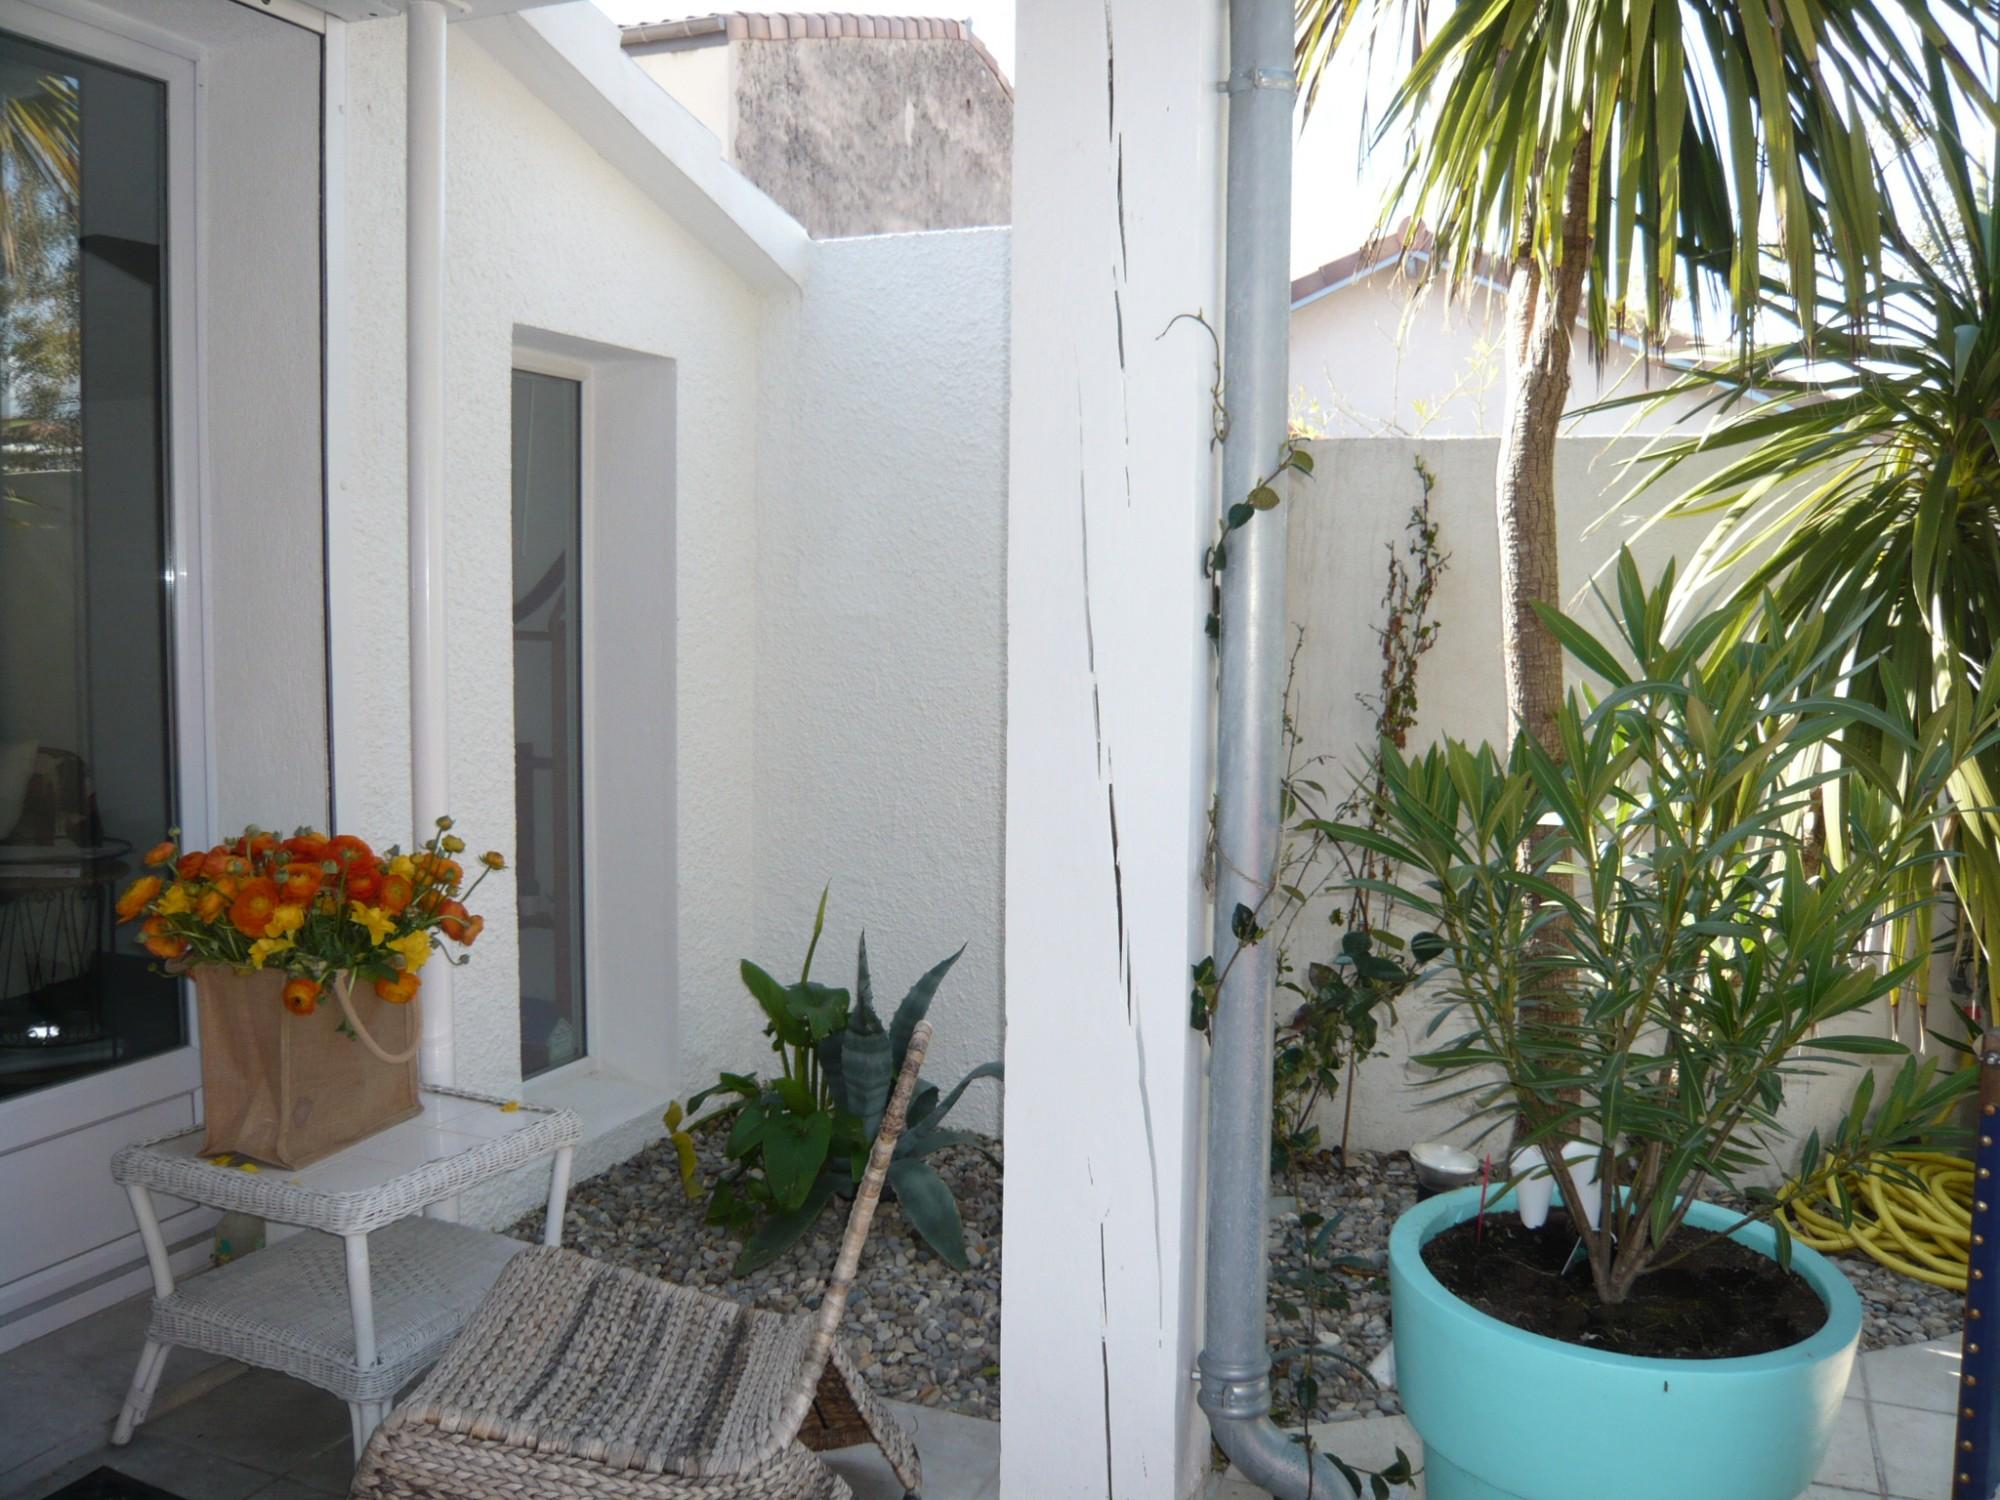 Vente MAISON T3 - 13008 - Vieille Chapelle - Maison de plein pied,terrasse, cuisine équipée, calme, très bien située